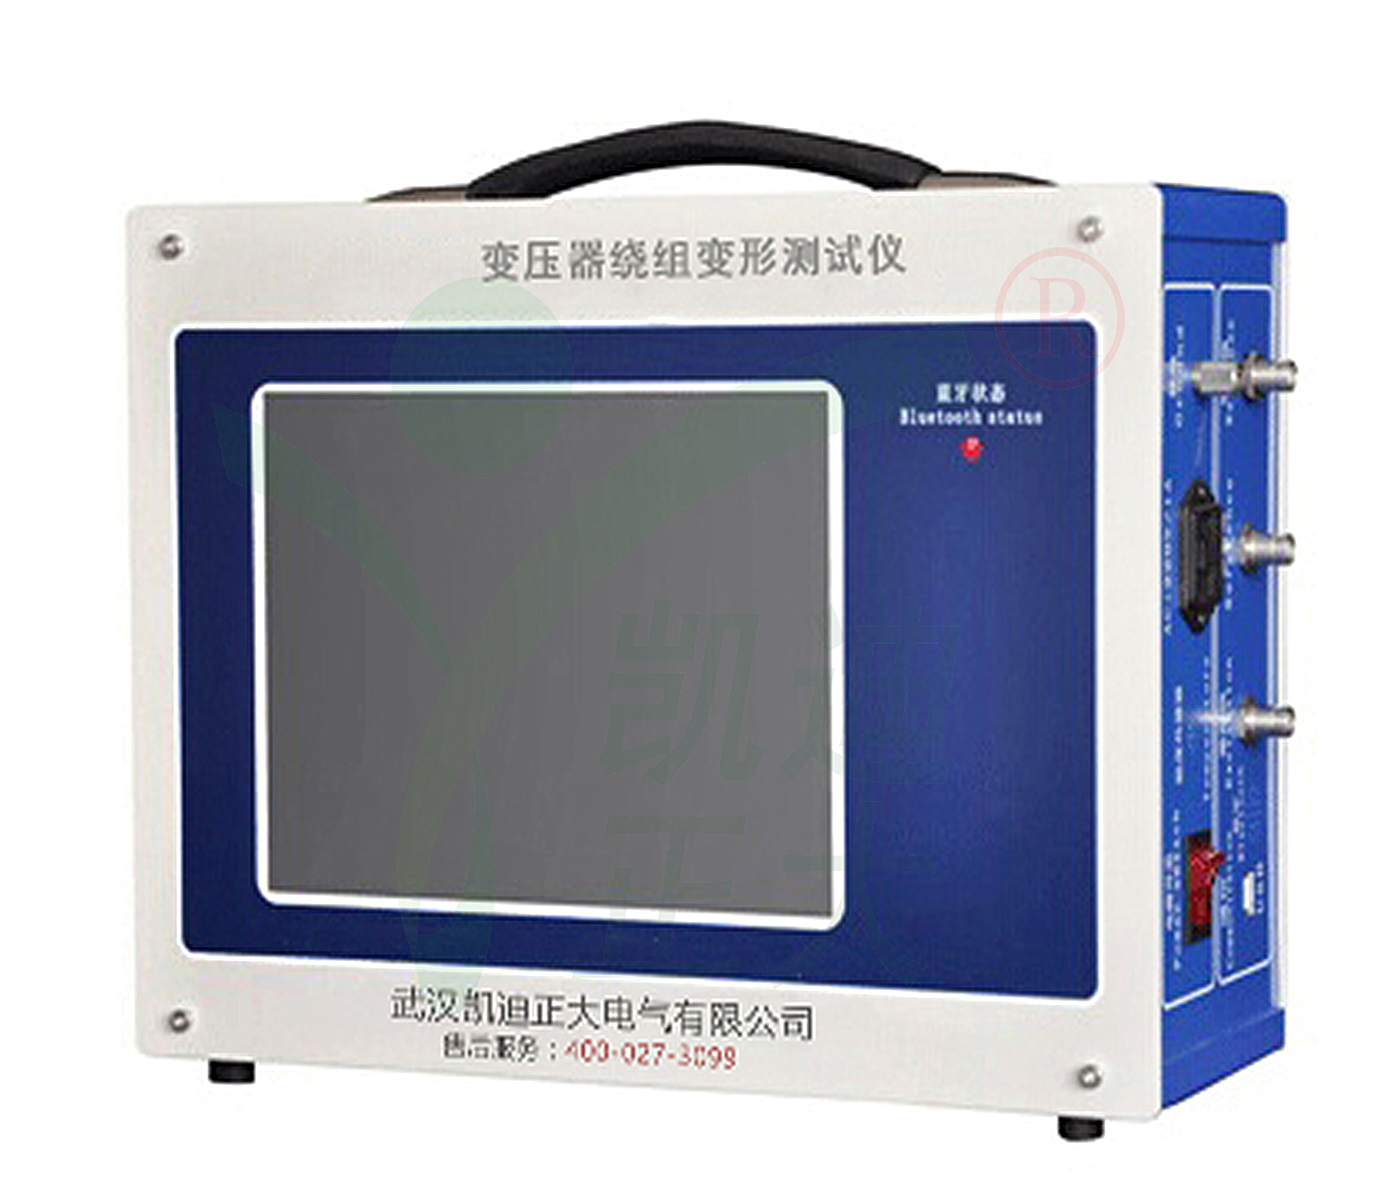 十堰KDRB-IIV 变压器绕组变形测试仪(内置电脑一体机)